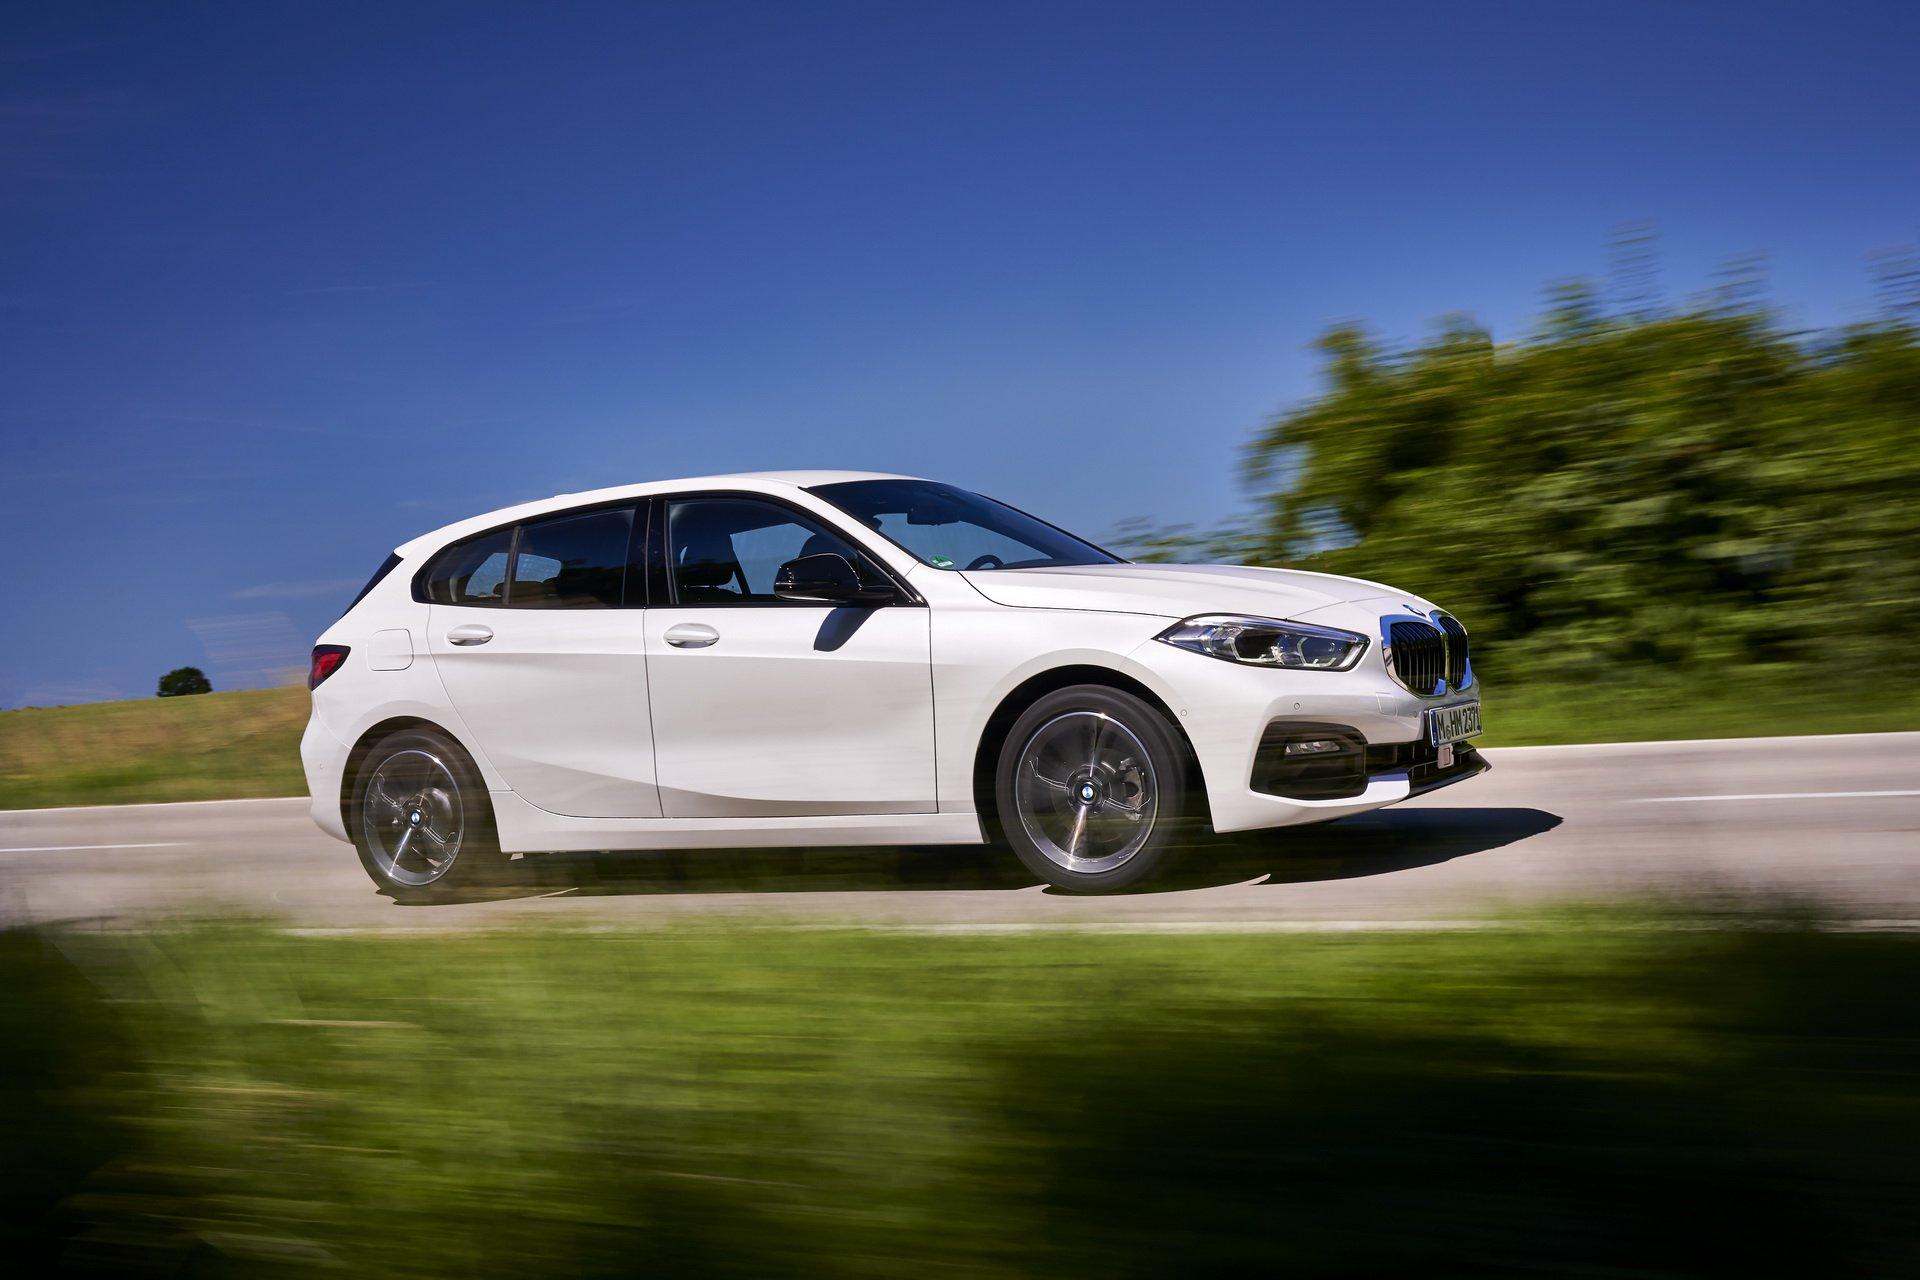 Од BMW тврдат: Нема разлика помеѓу предниот и задниот погон во Серија 1